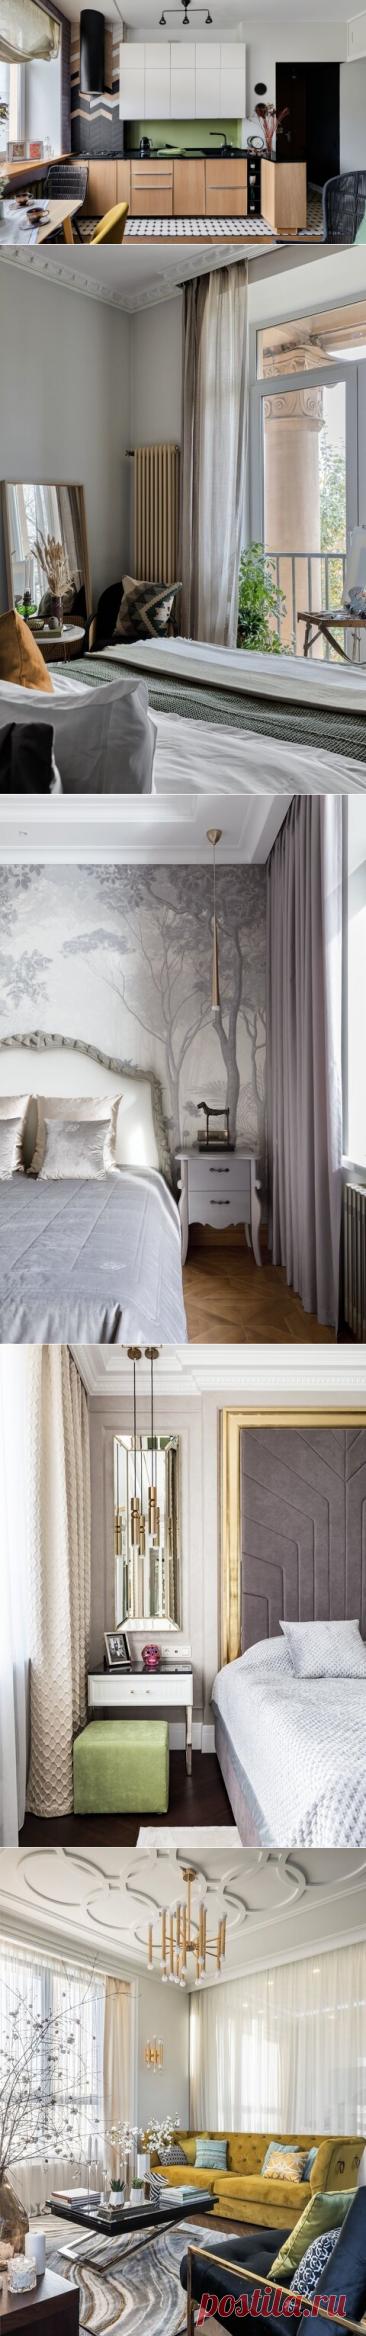 10 беспроигрышных идей для визуального увеличения маленькой квартиры | SALON-interior | Яндекс Дзен